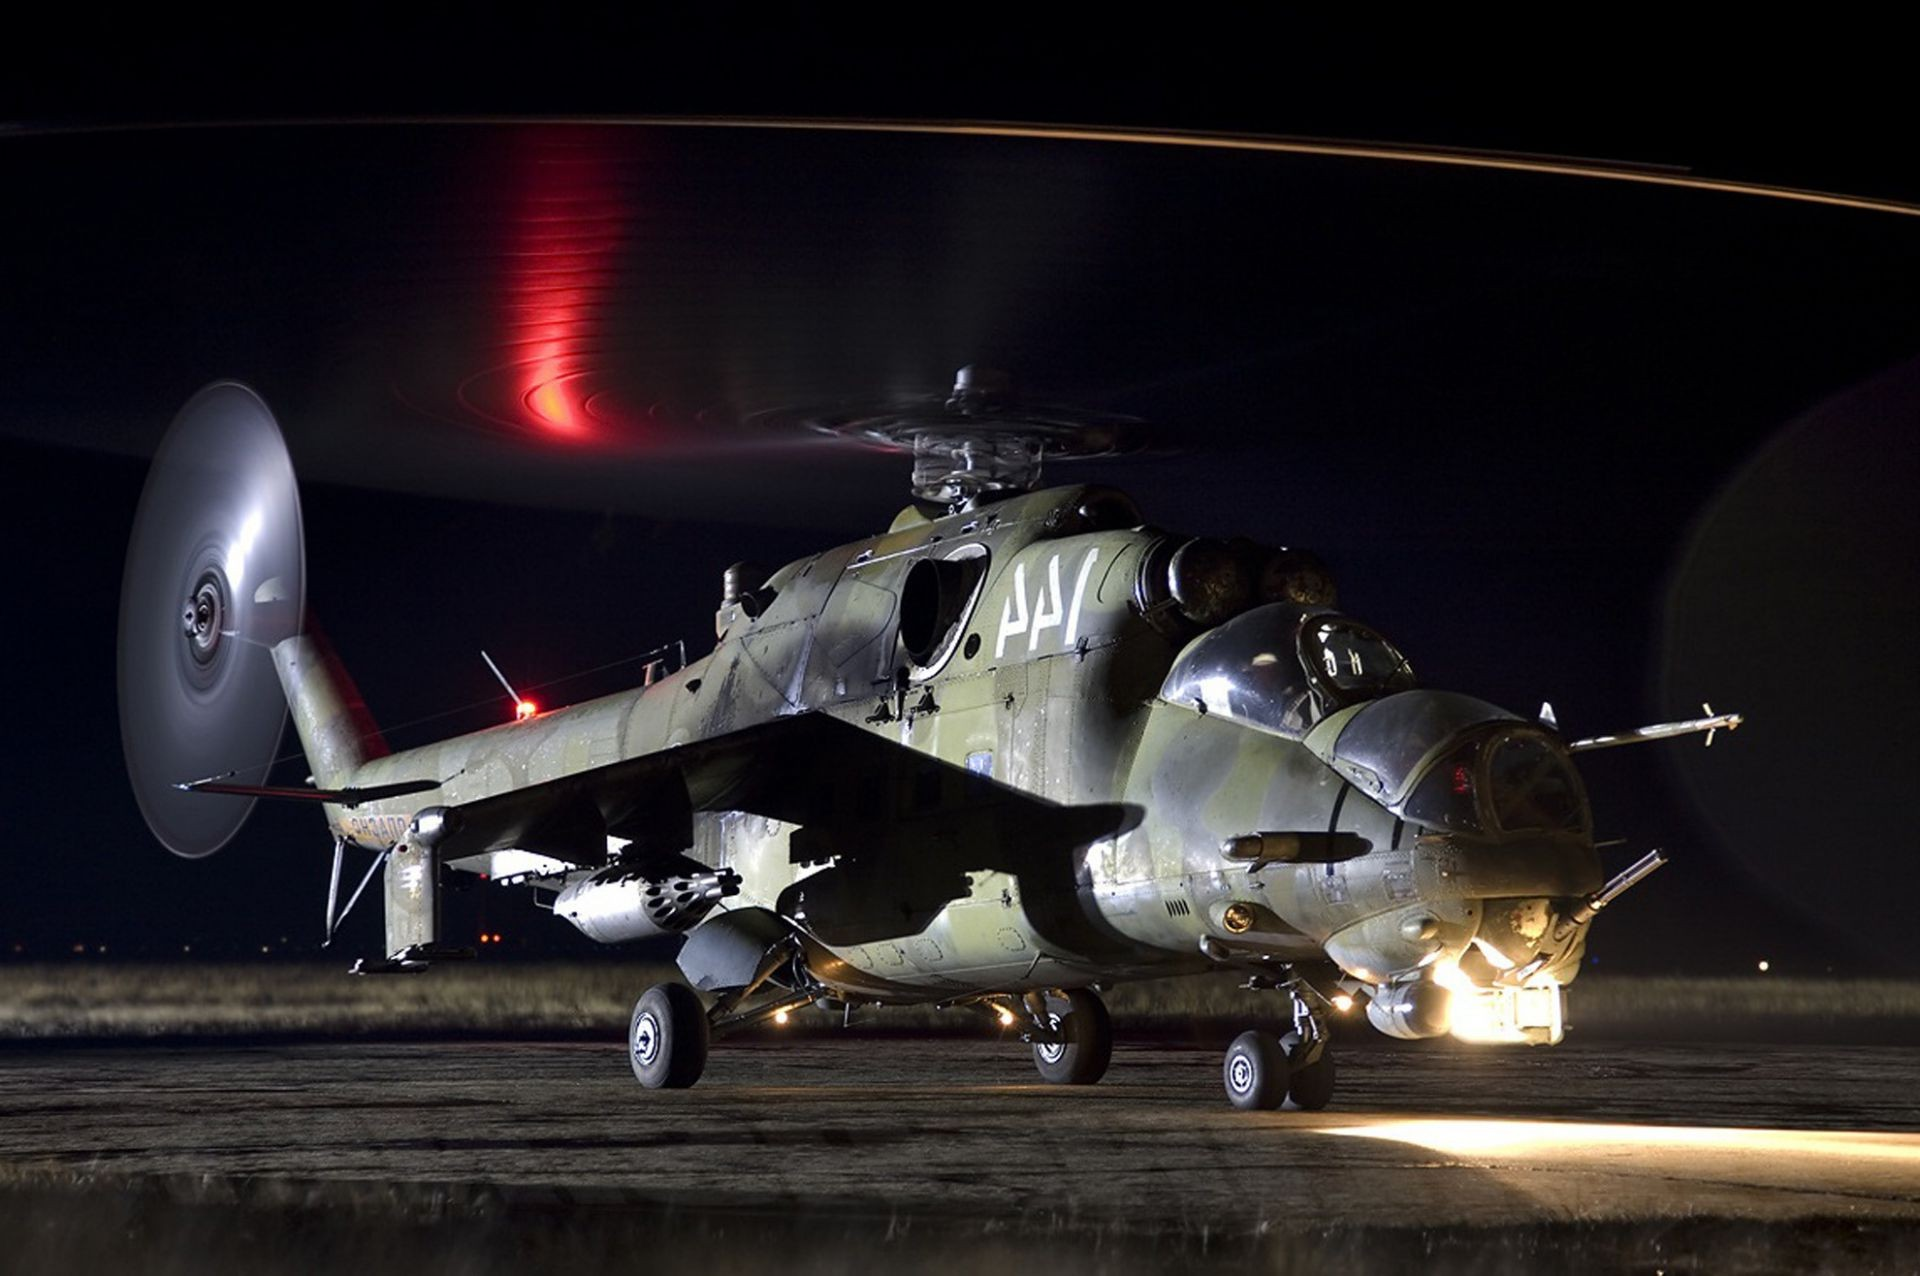 Обои самолеты, вертолеты. Авиация foto 17